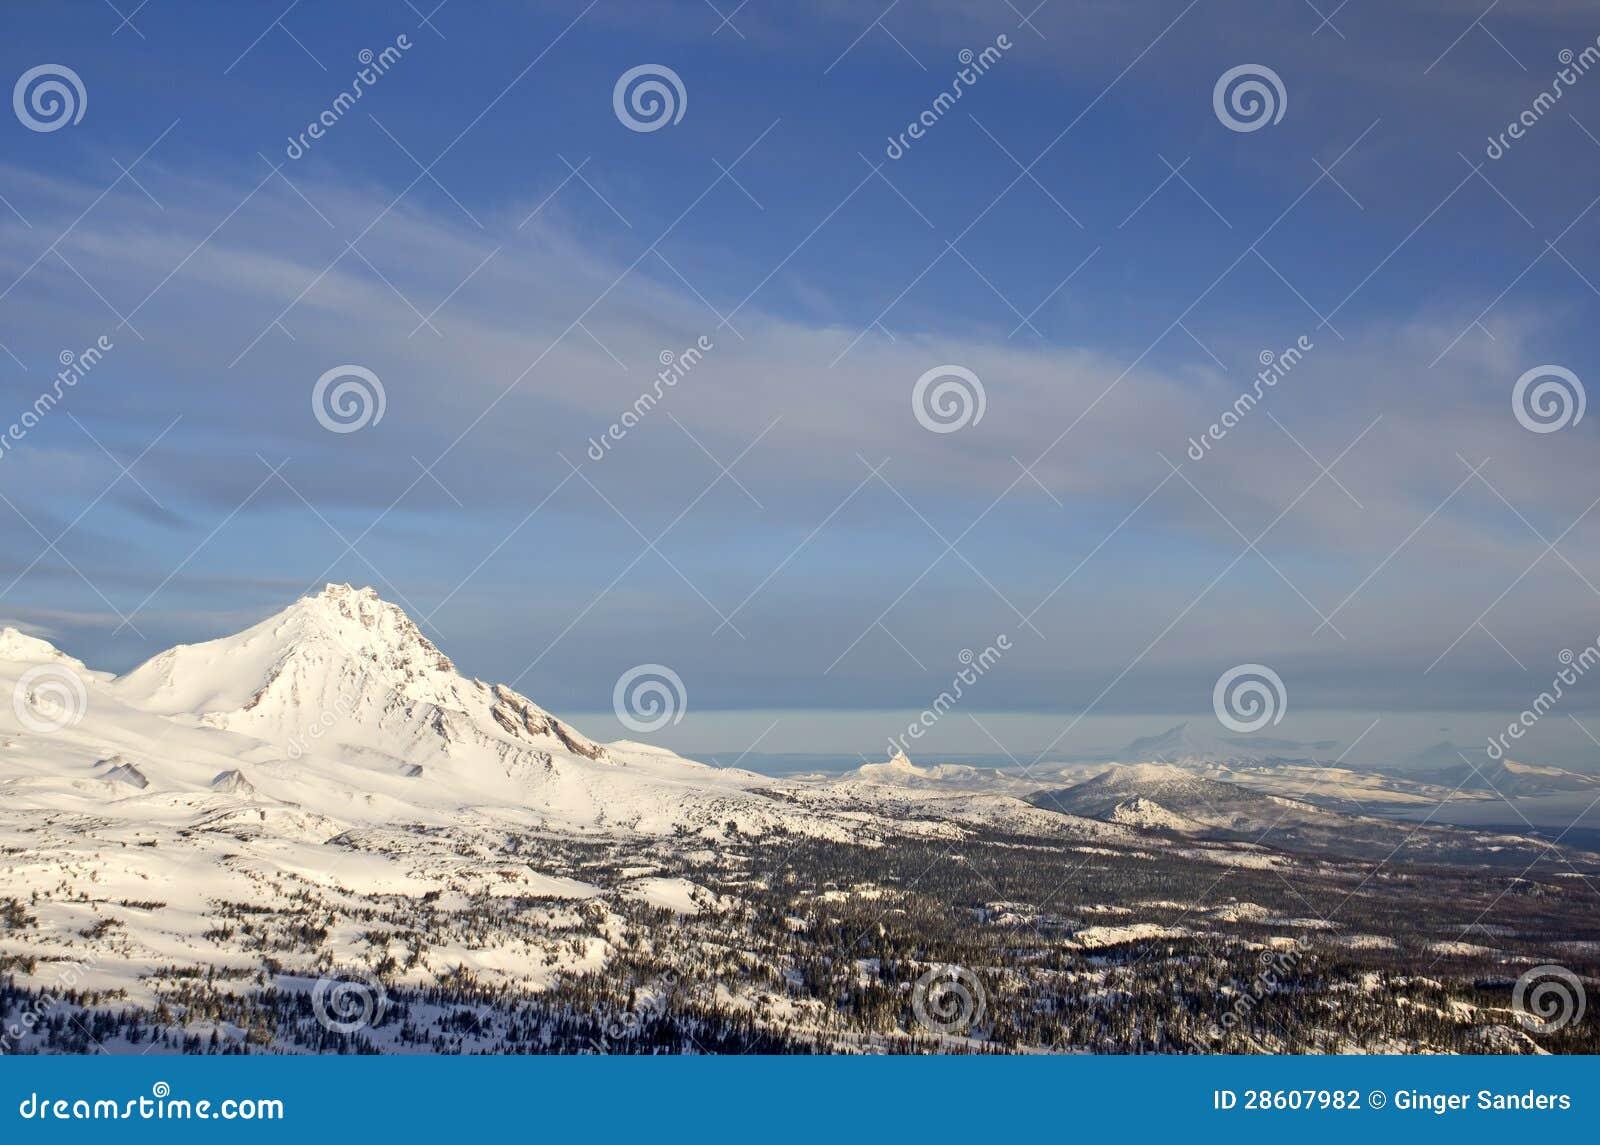 Cascade Mountain Range Winter Aerial